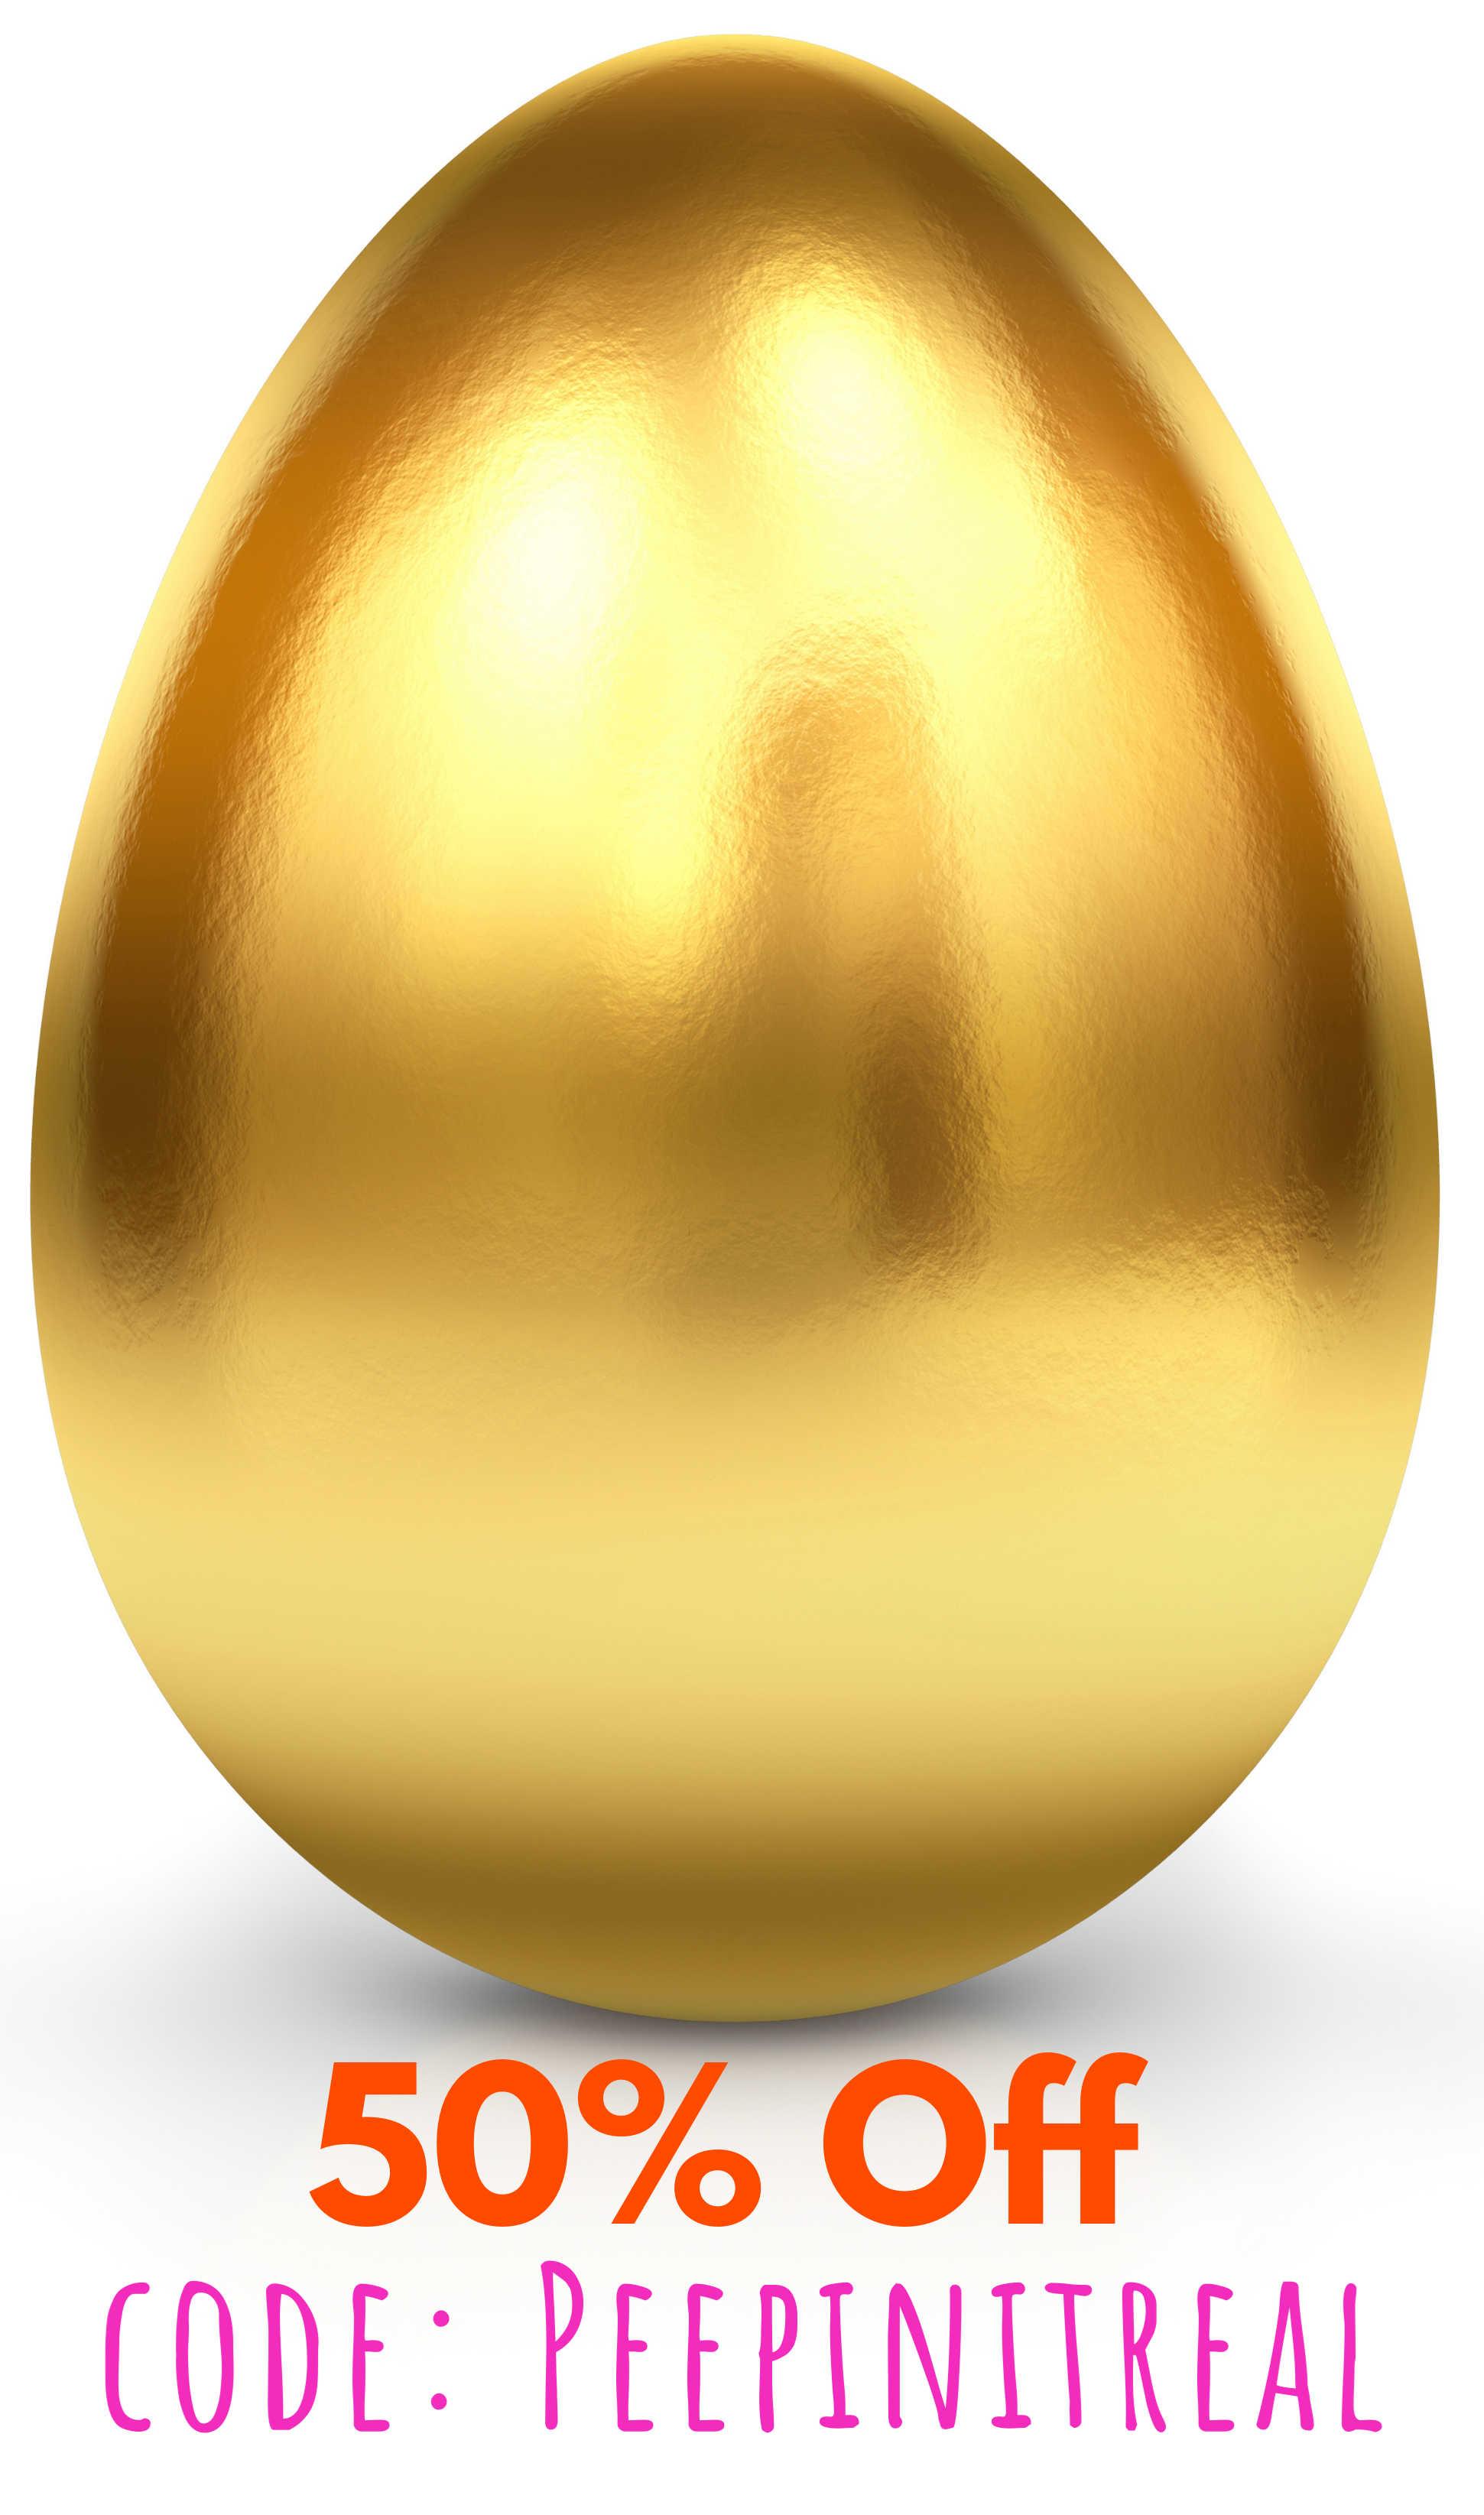 golden-egg-50-off.jpg